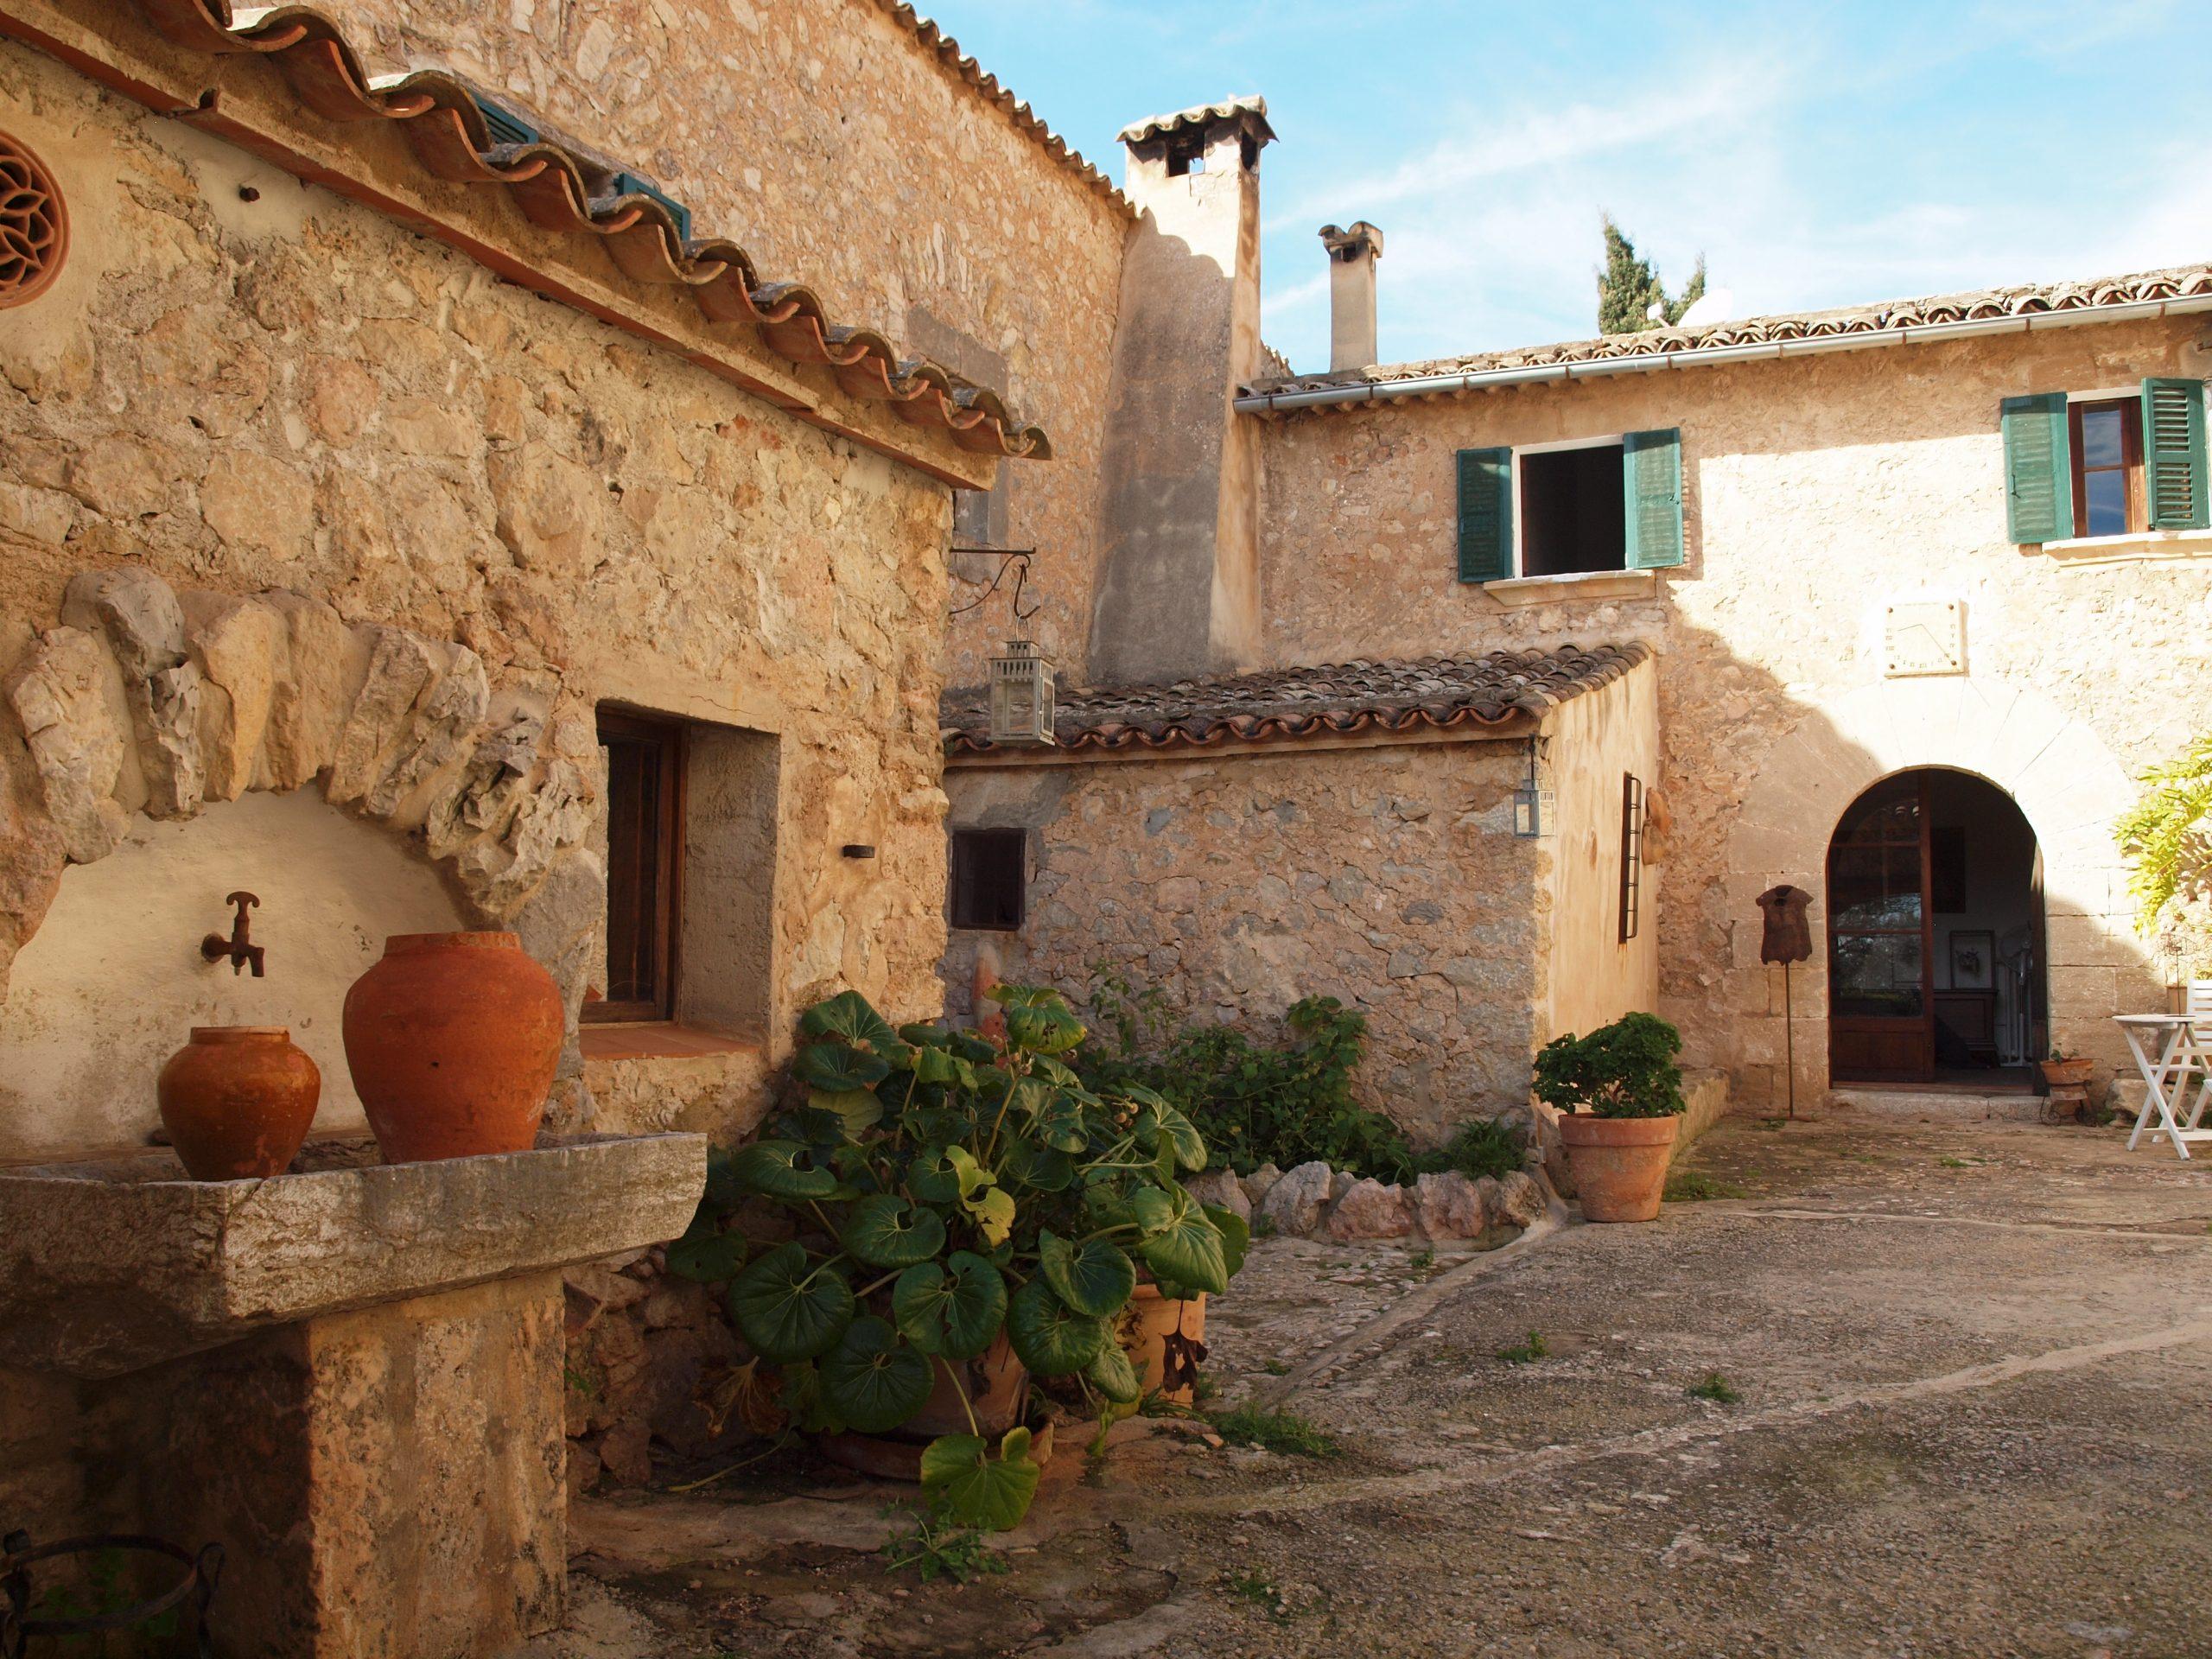 Historisches Fincahotel in Tramuntana mit atemberaubendem Blick auf Palma, die Kathedrale und das Meer